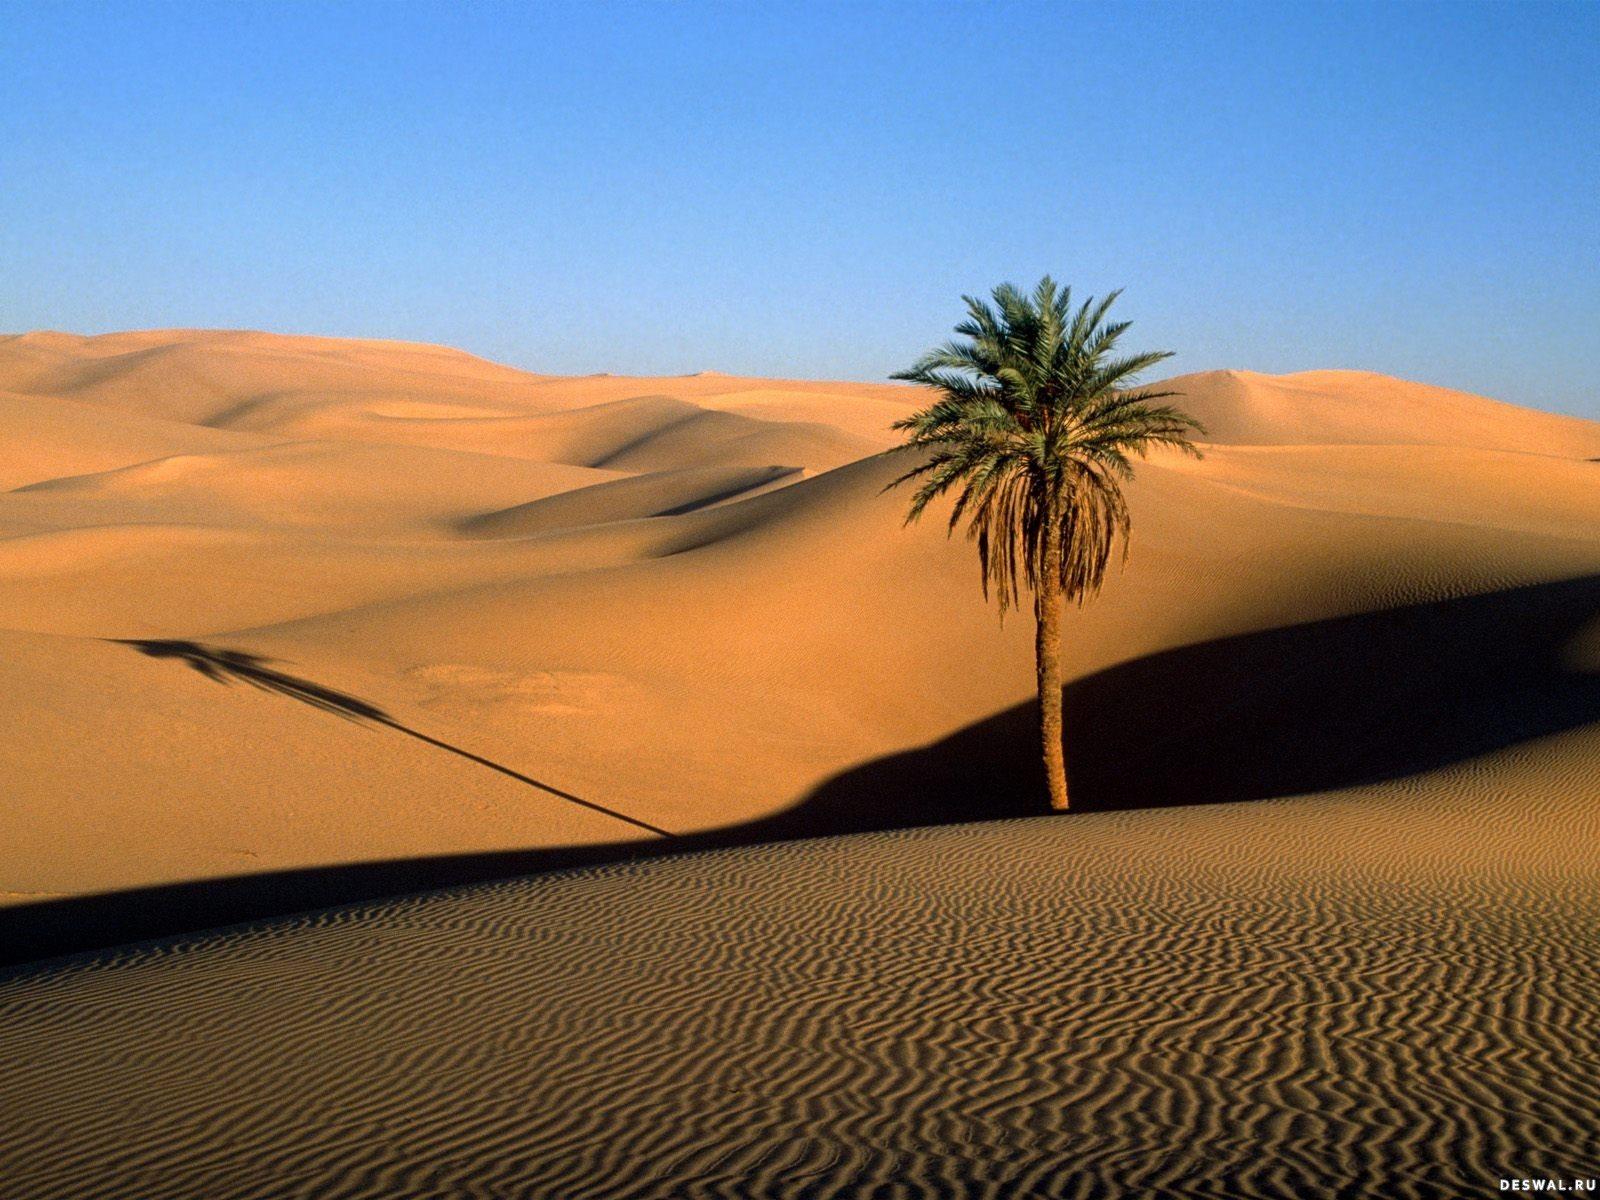 Фото 13.. Нажмите на картинку с обоями природы - пустыня, пески, чтобы просмотреть ее в реальном размере